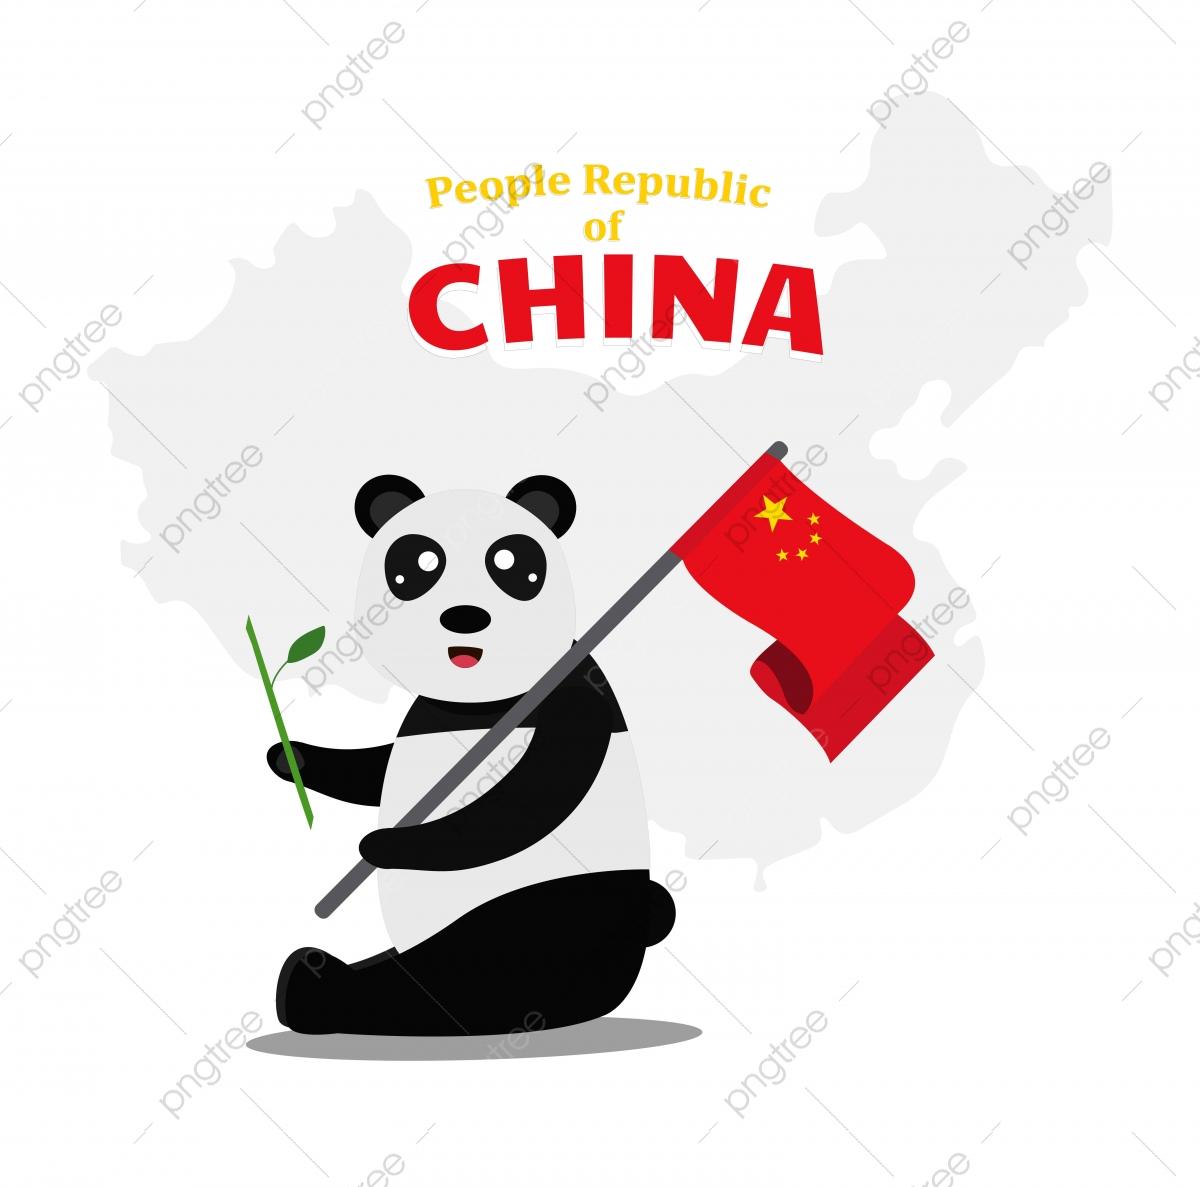 Gambar Panda Gergasi Comel Memegang Buluh Dan Bendera Cina Dalam Gaya Kartun Untuk Projek Maskot Kartun Merah Merah Jambu Png Dan Vektor Untuk Muat Turun Percuma